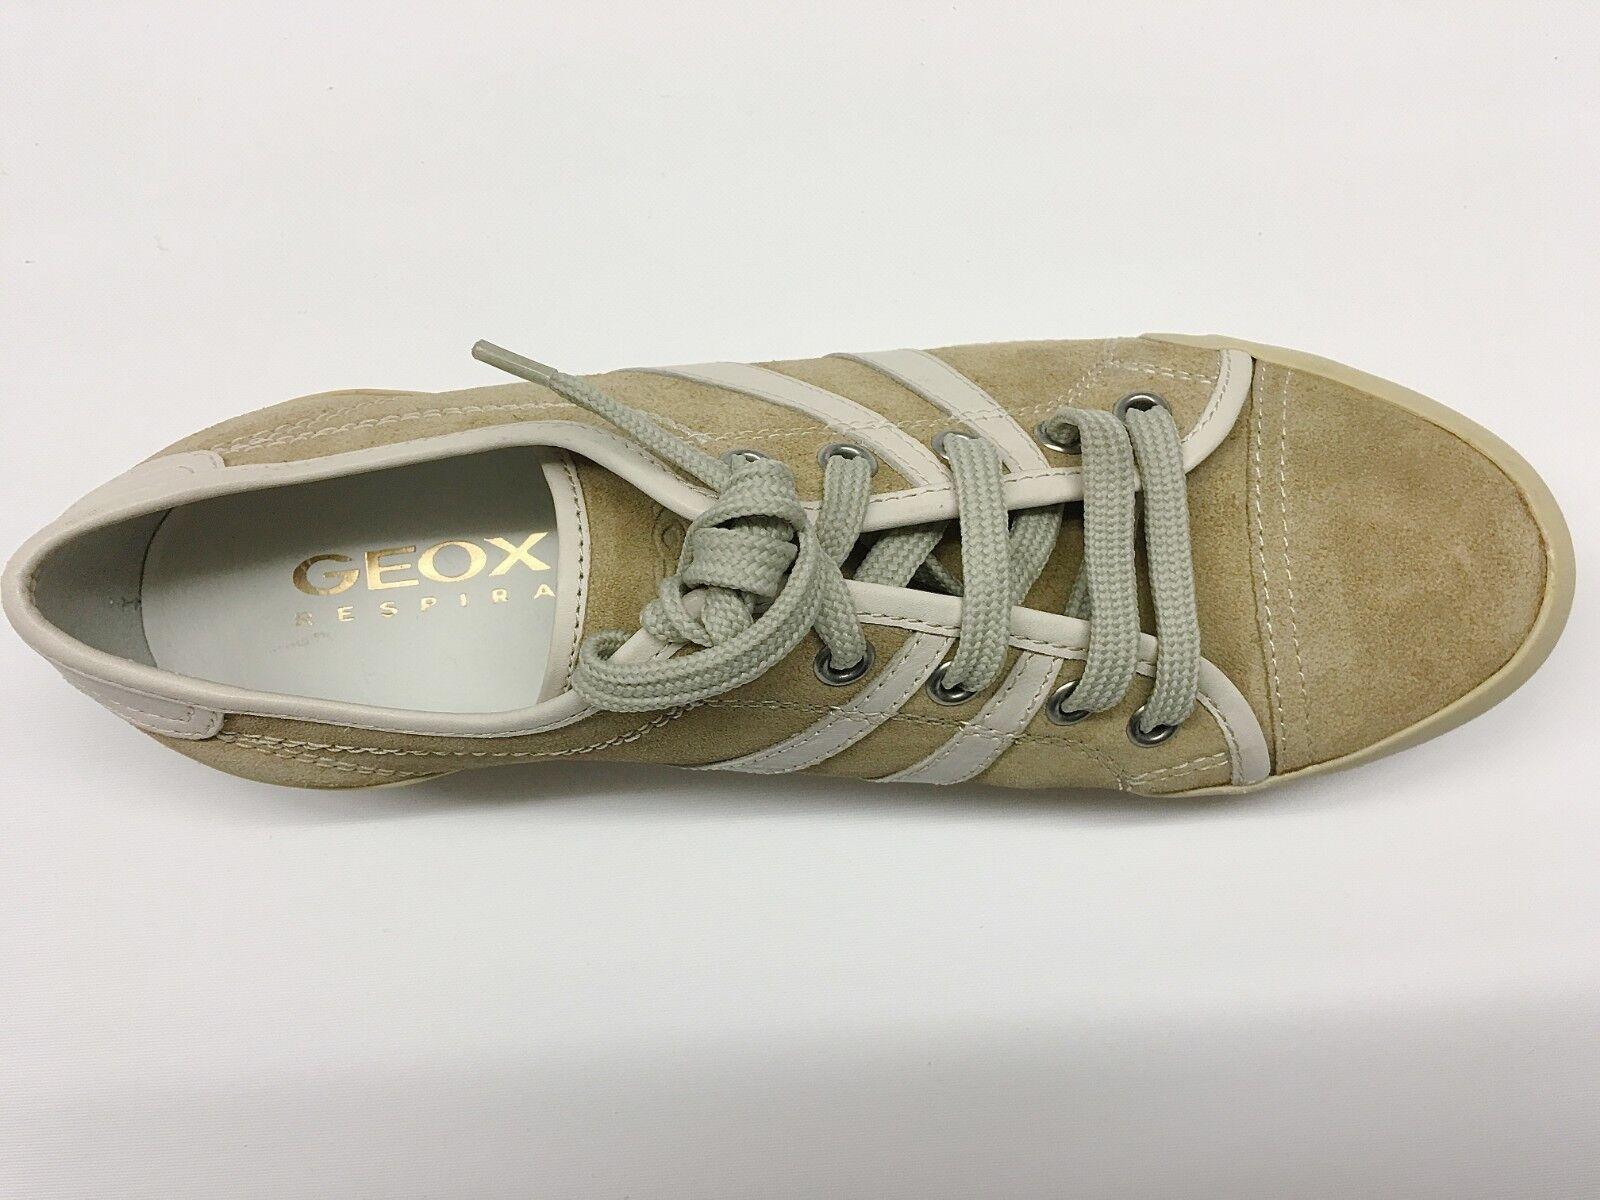 Scarpe Geox 159905 da Donna Sneakers Scarpe da 159905 Ginnastica Scarpe Basse Scarpe da donna, UE 37, 38 69f67b